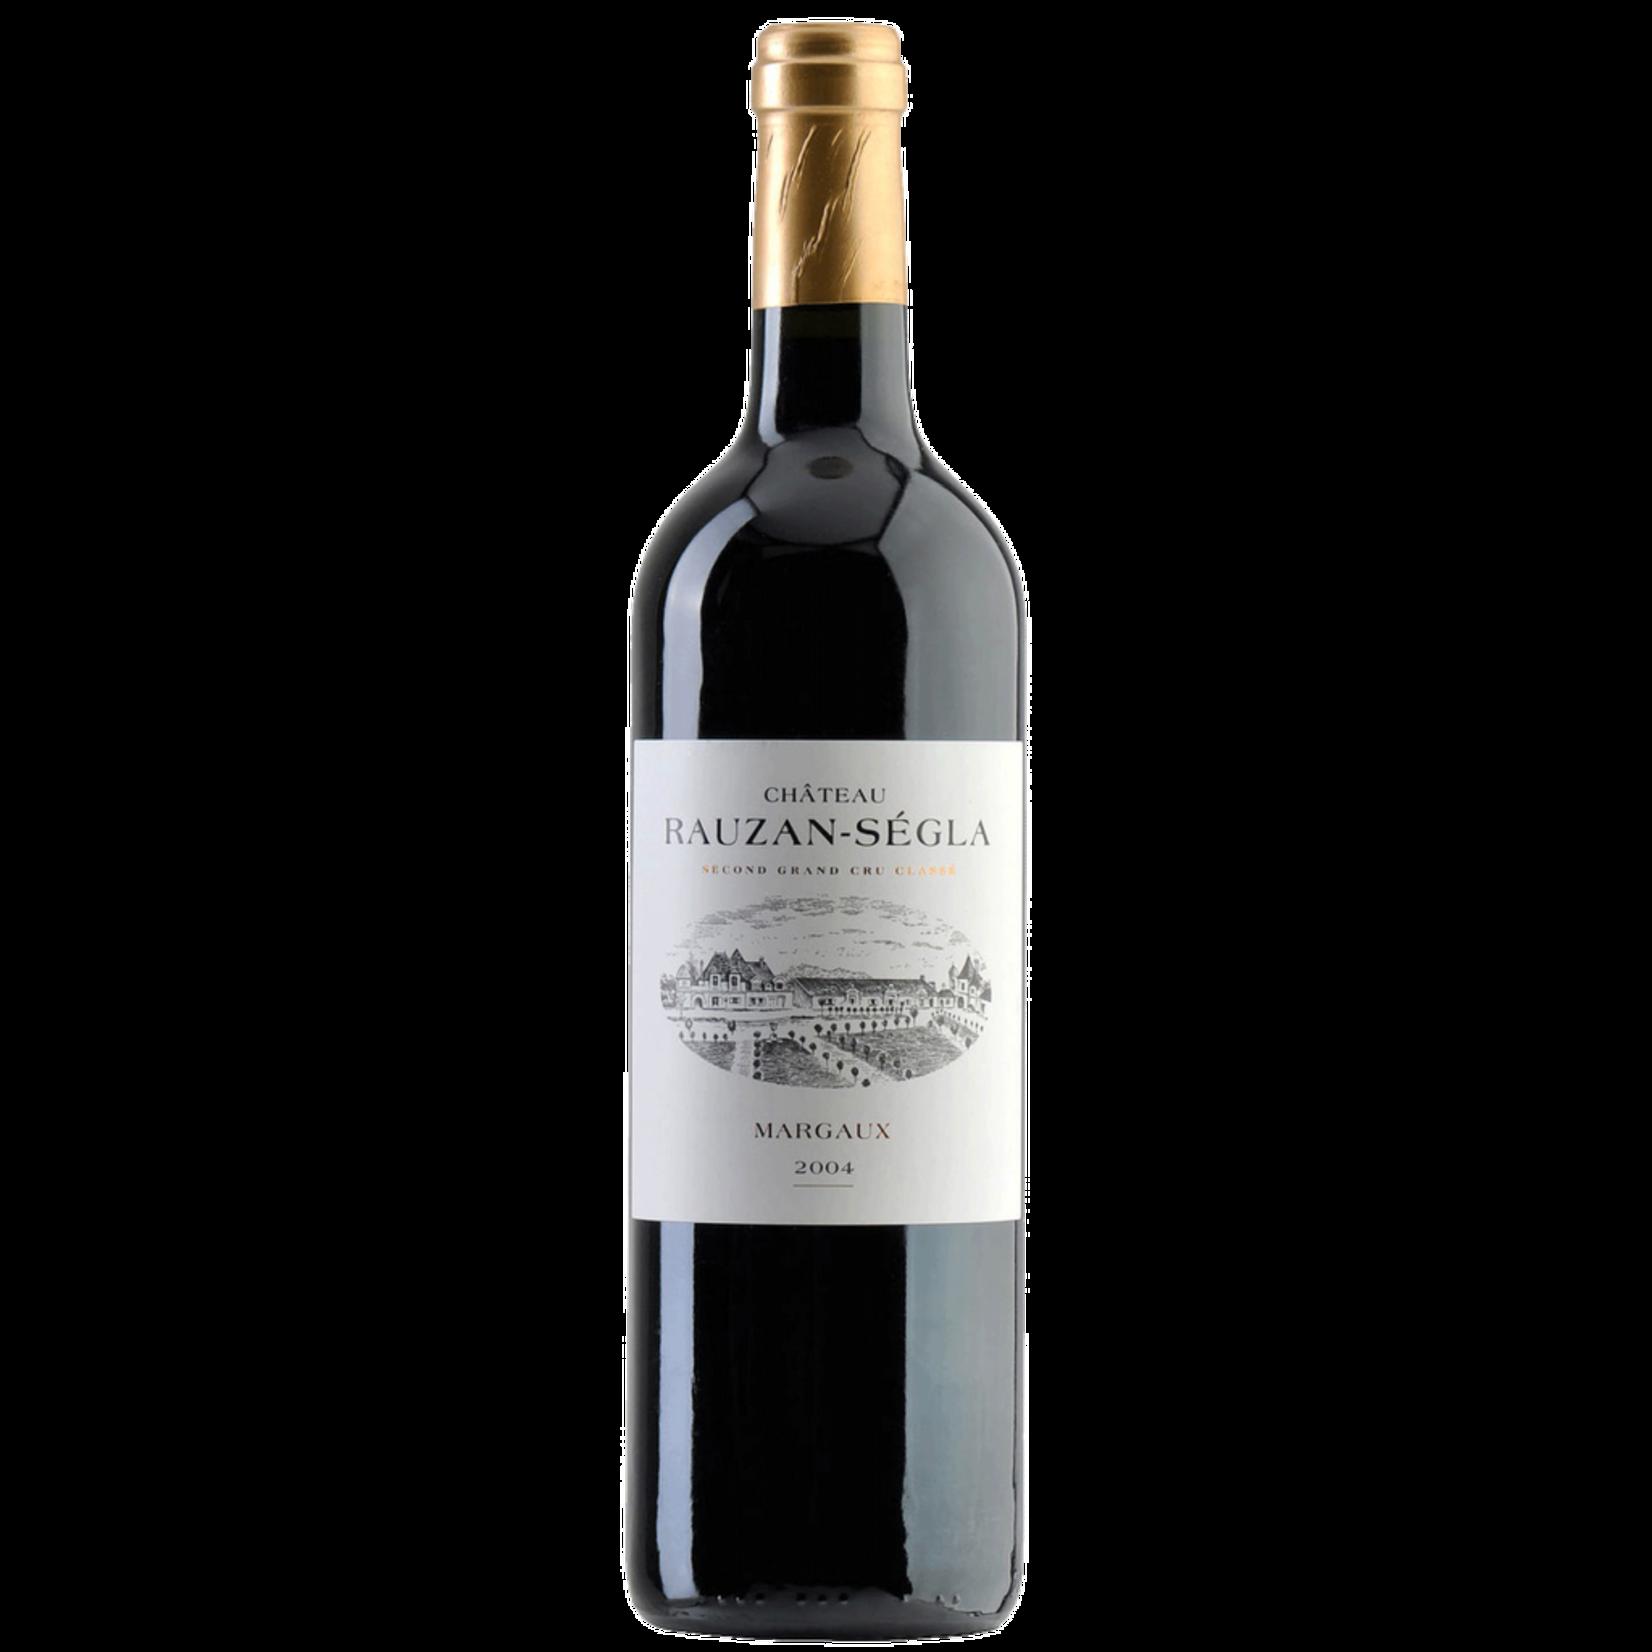 Wine Chateau Rauzan Segla 2004